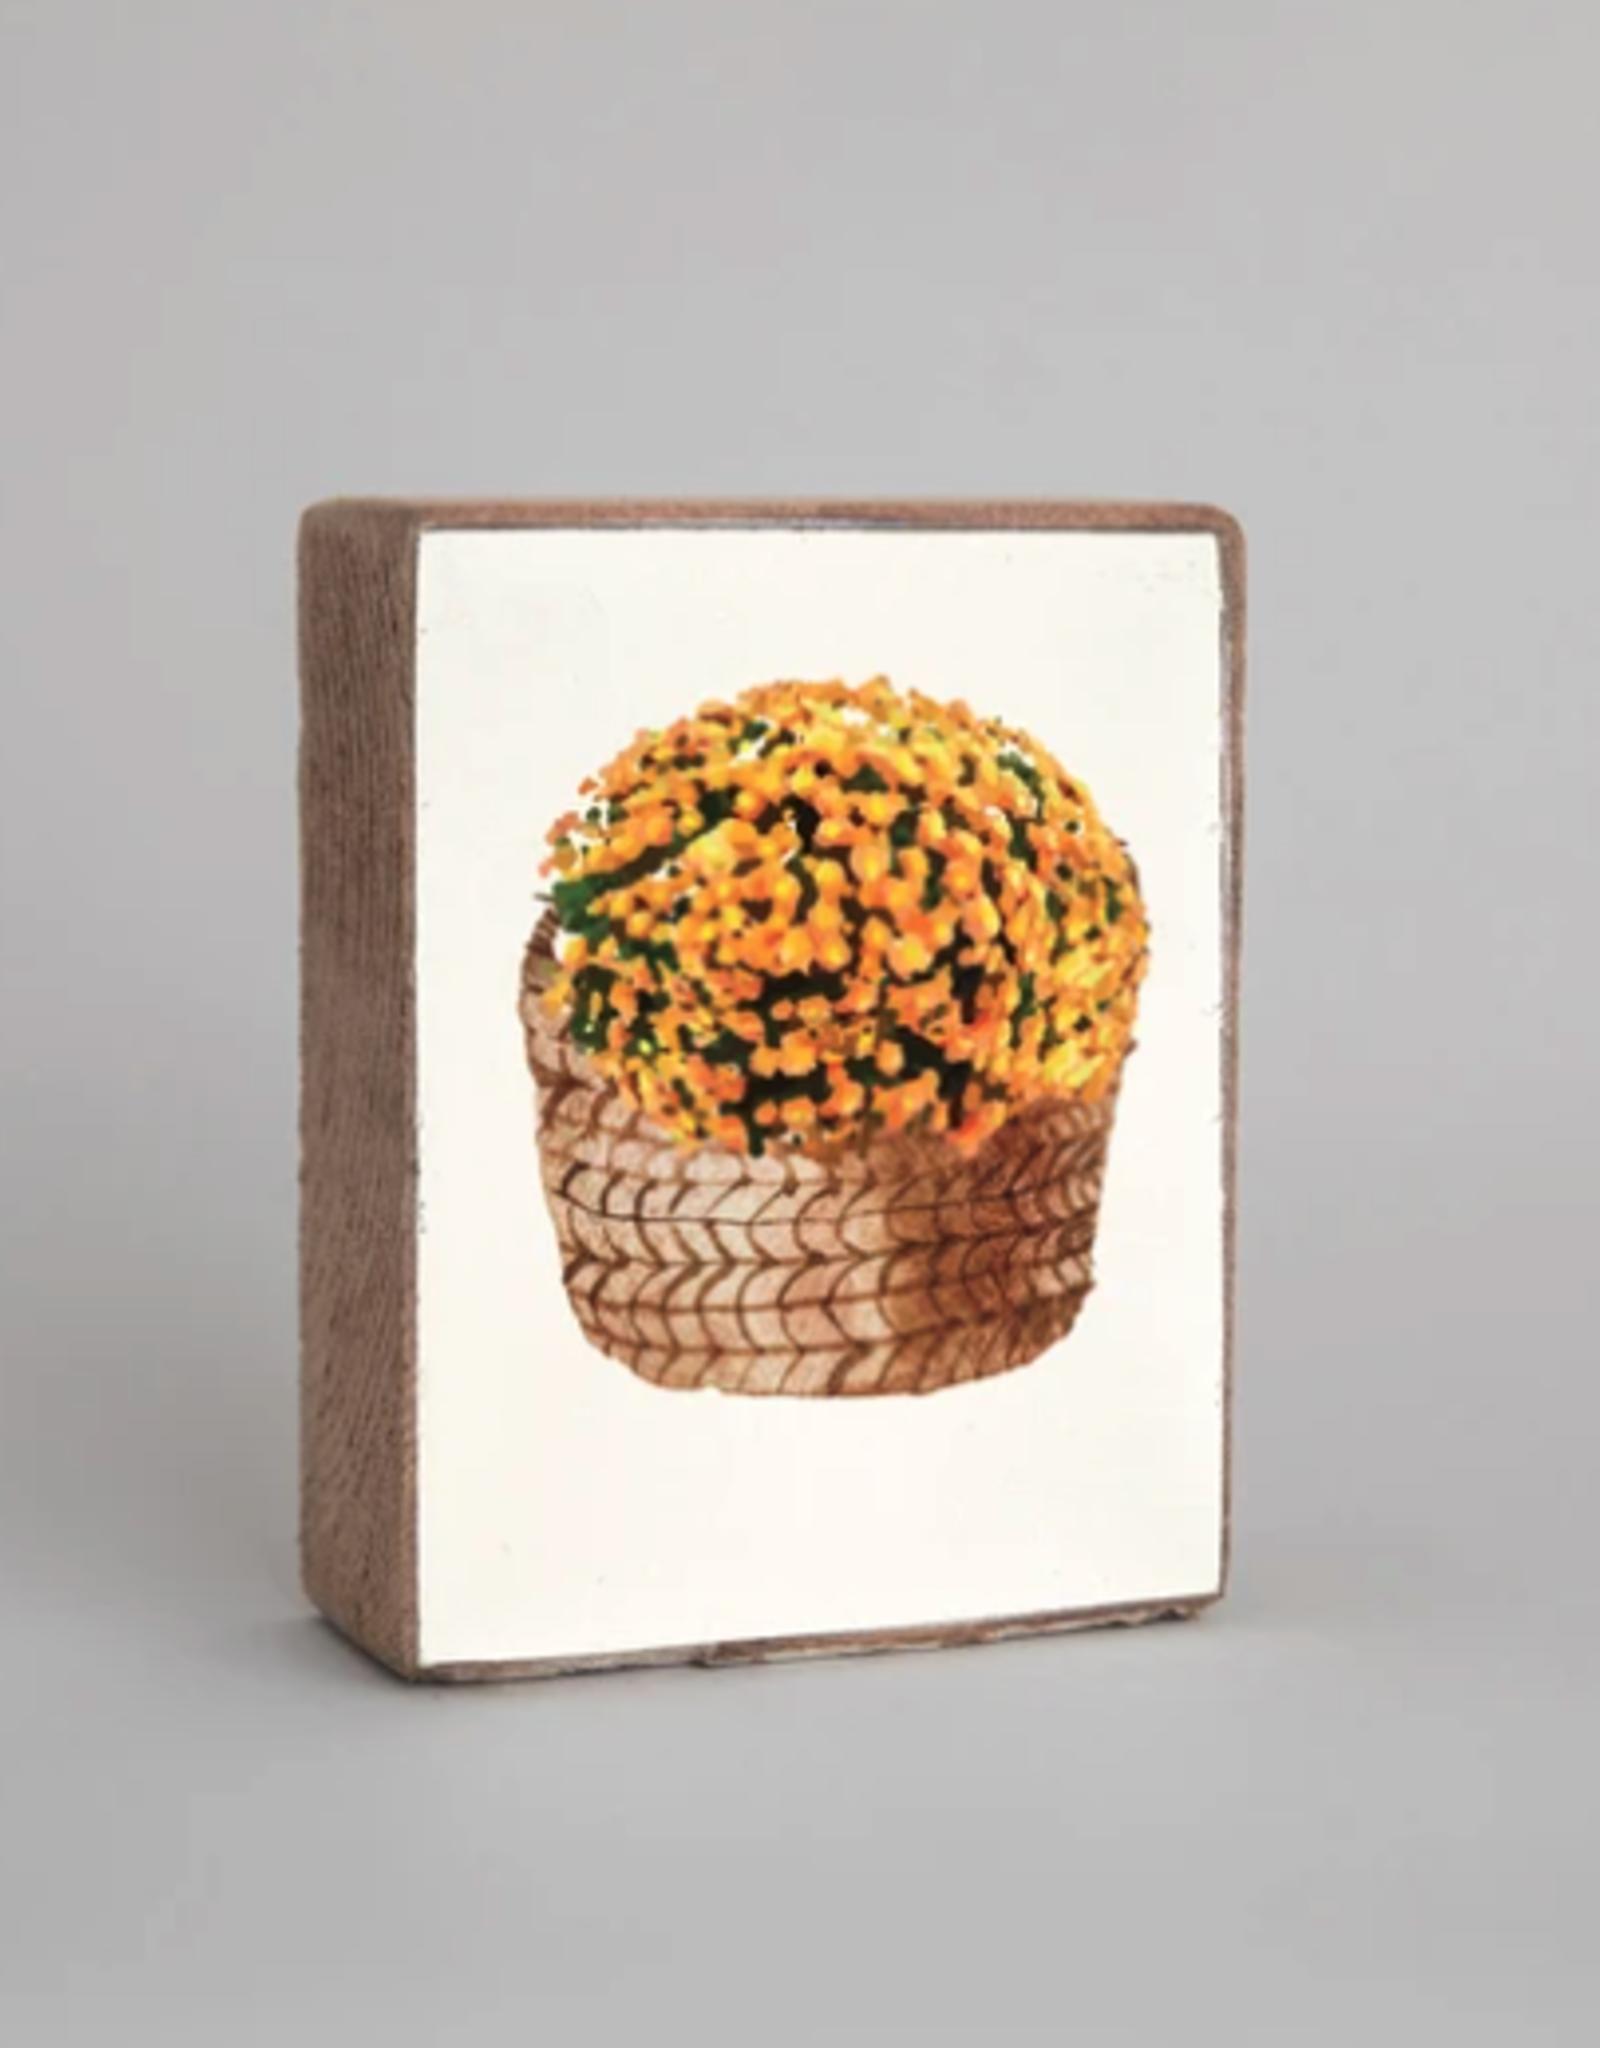 Rustic Marlin Rustic Marlin - Wood Block Mum Basket